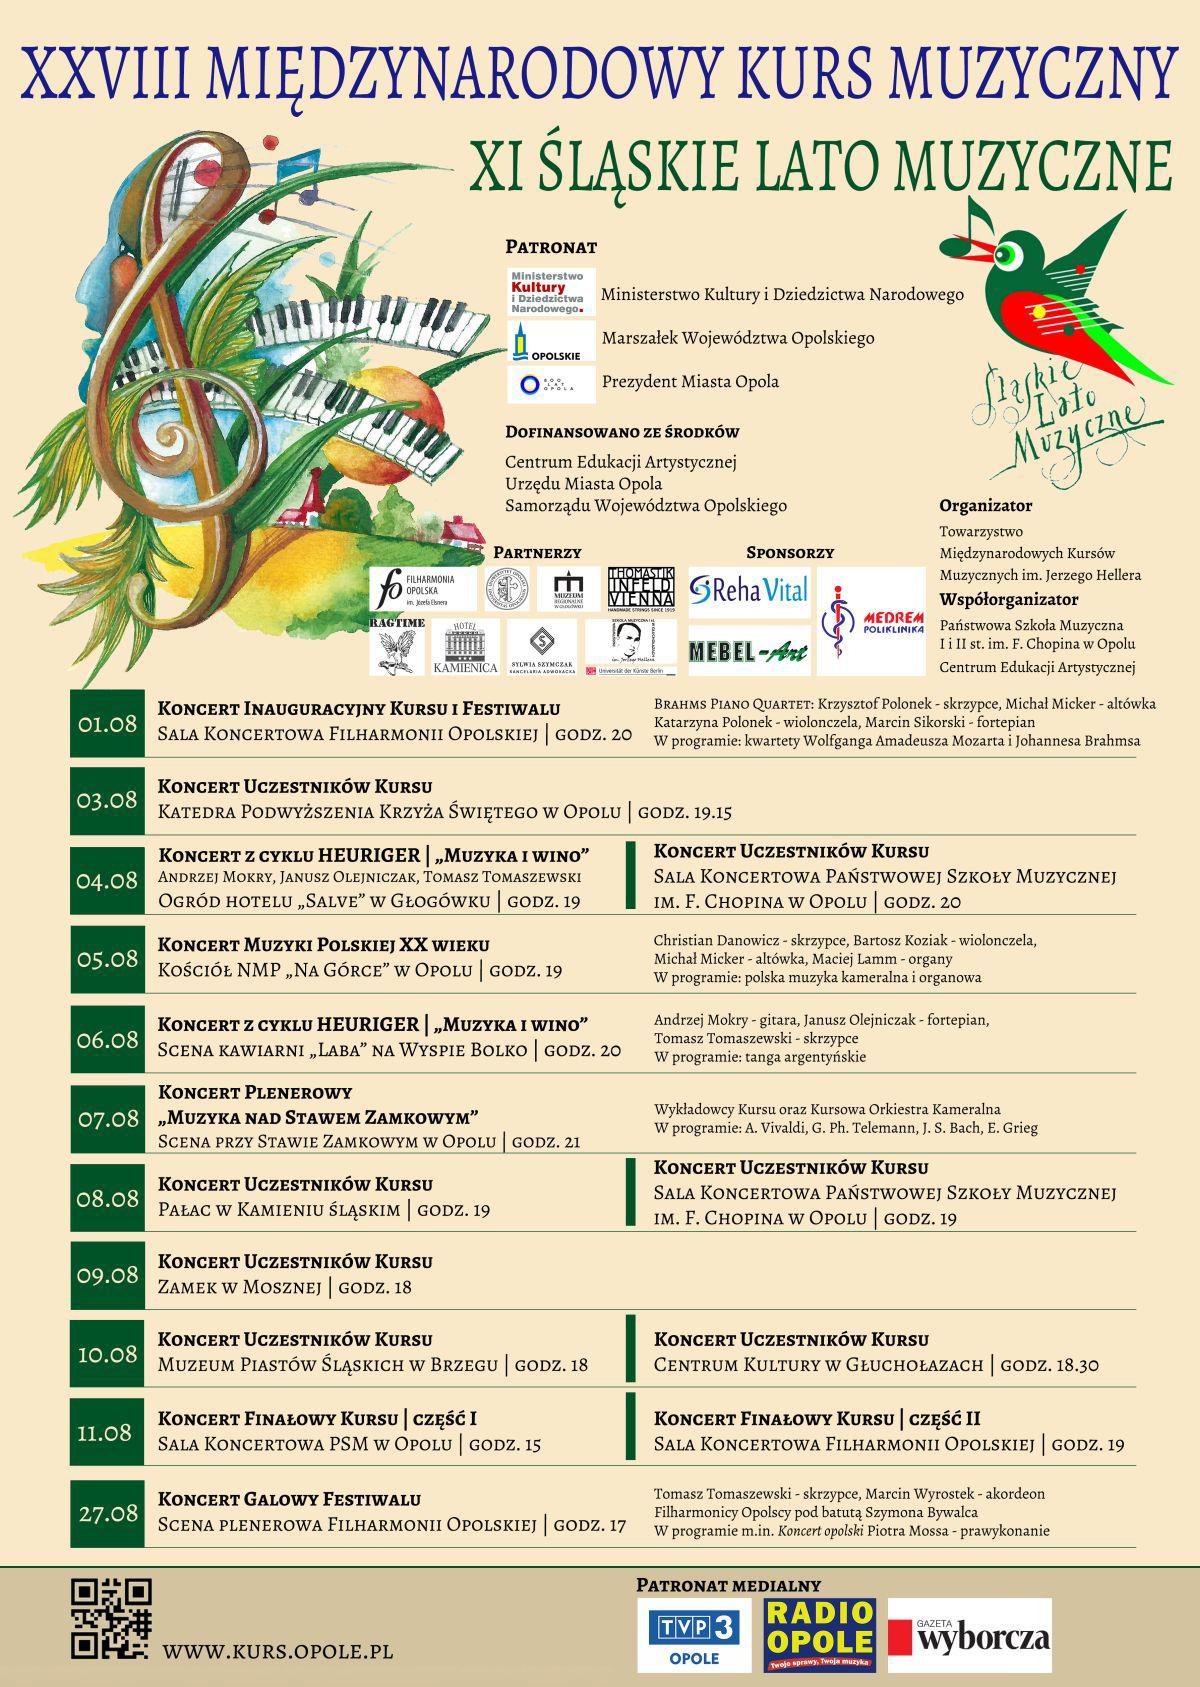 XI Śląskie Lato Muzyczne - zobacz program koncertów